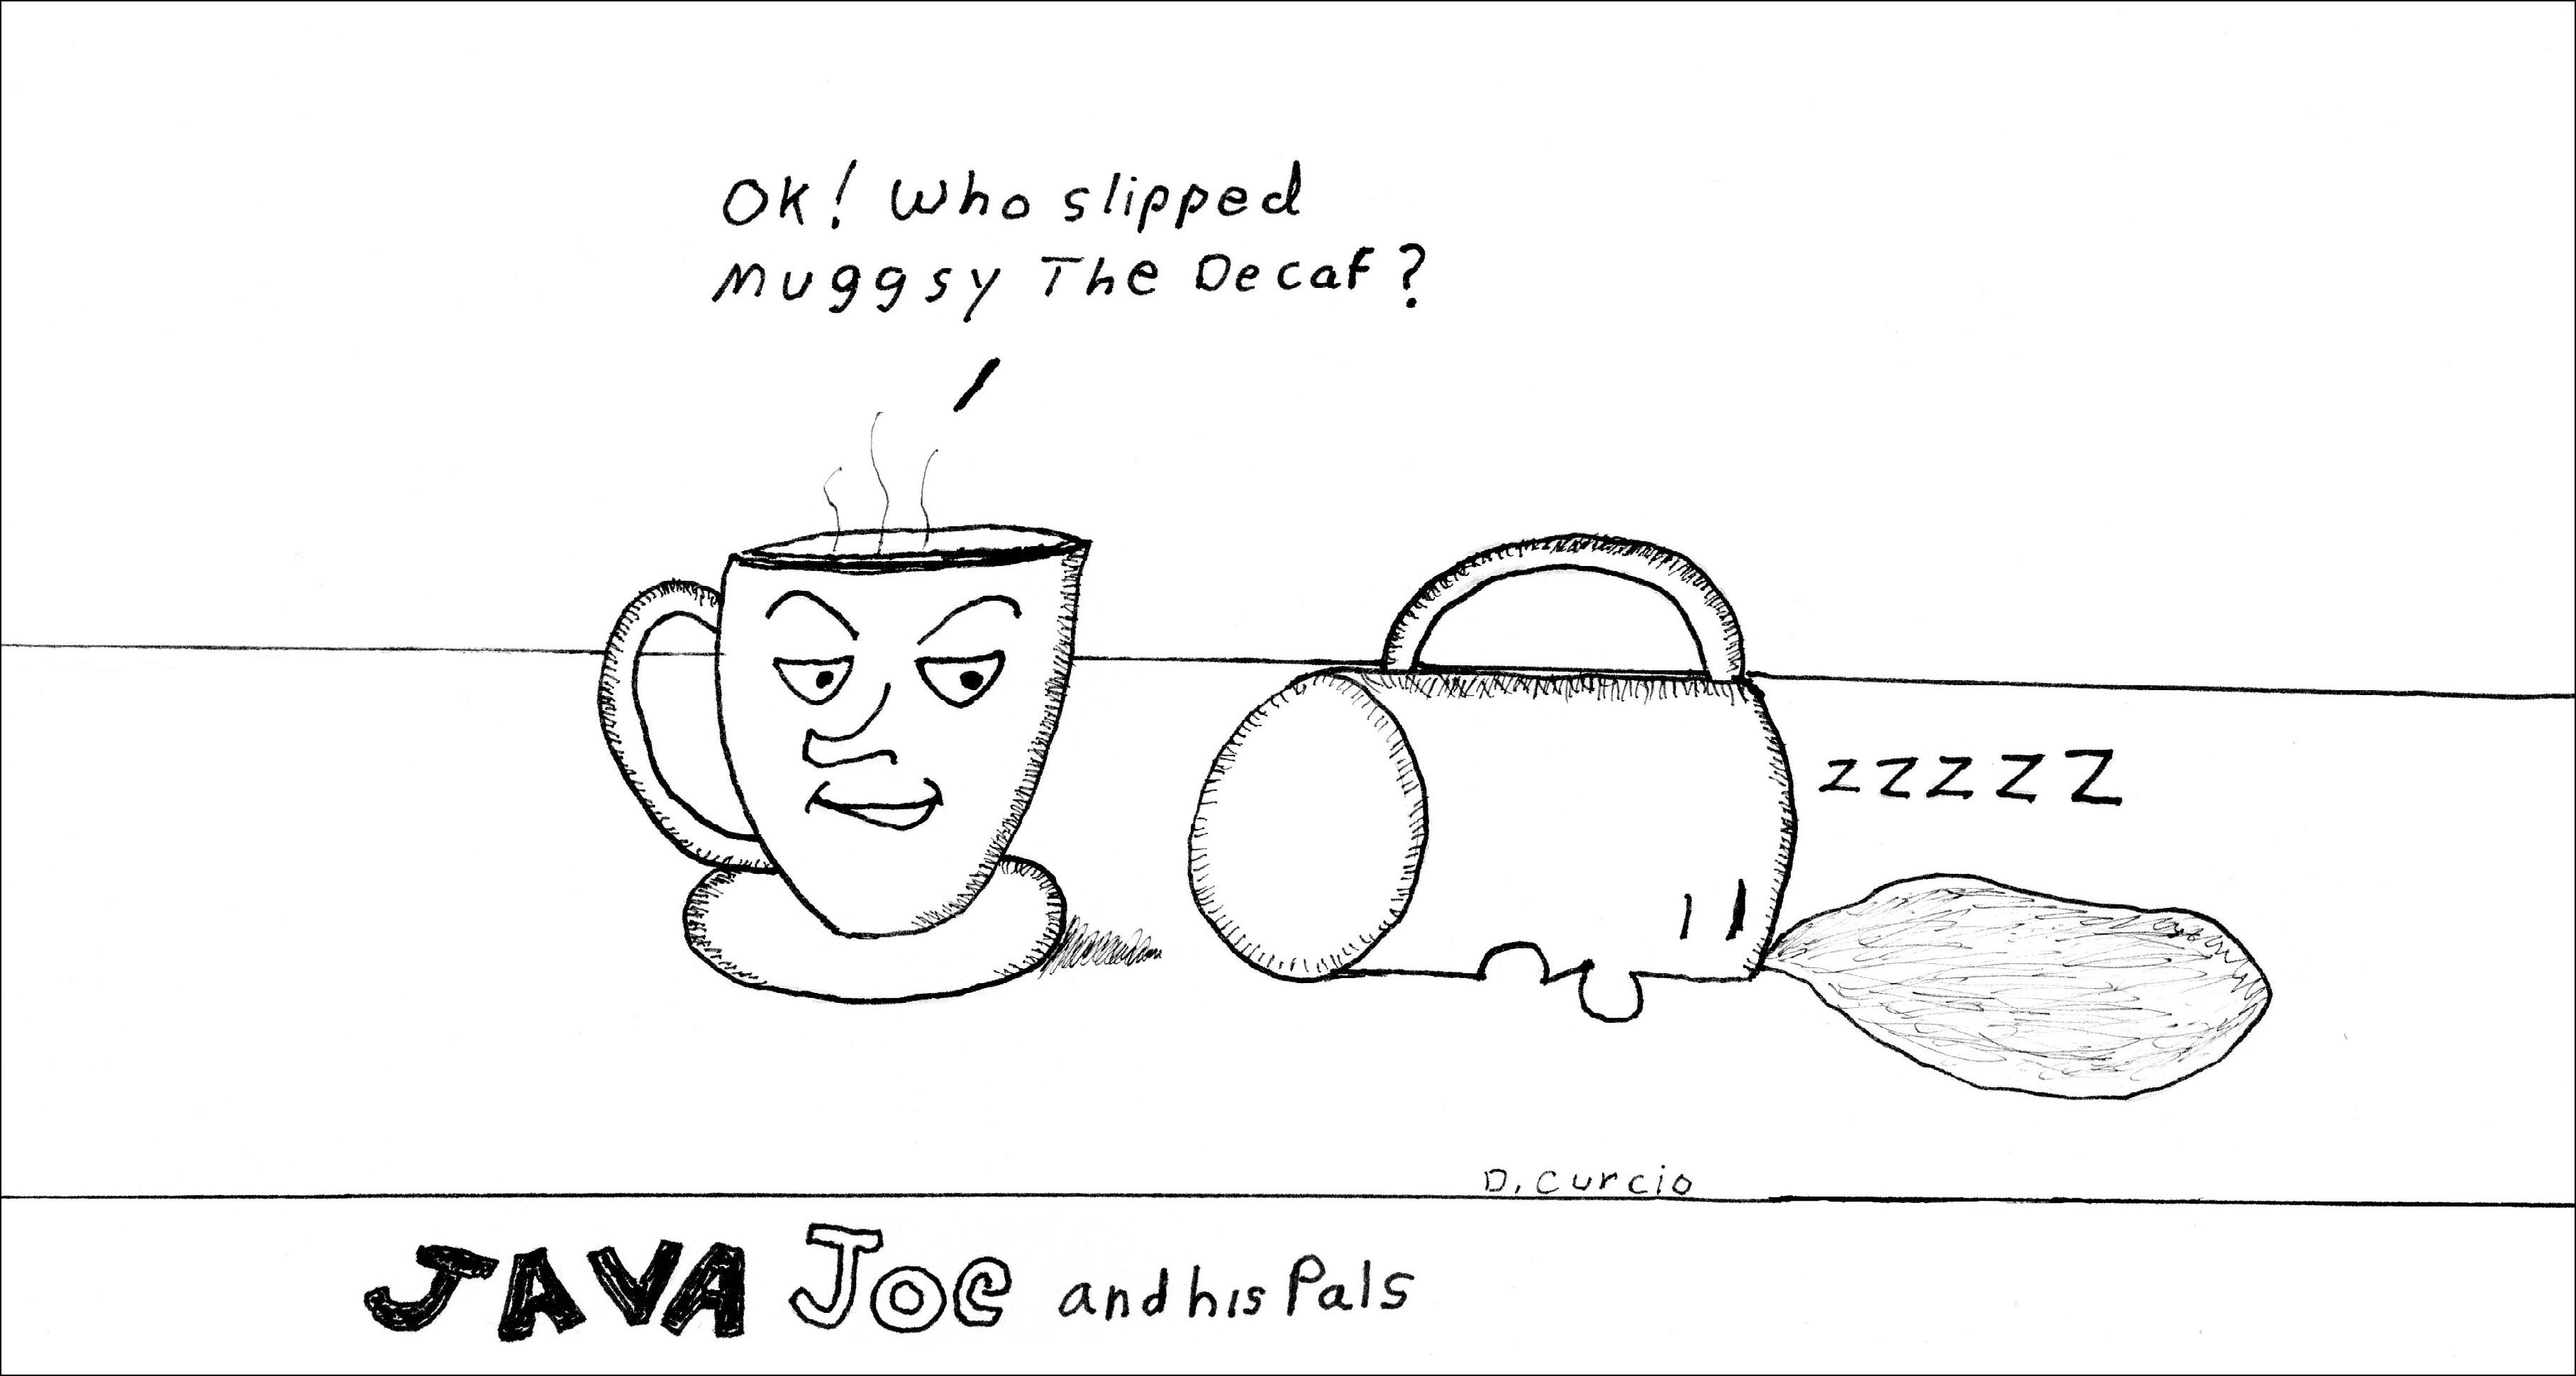 Decaf Muggsy